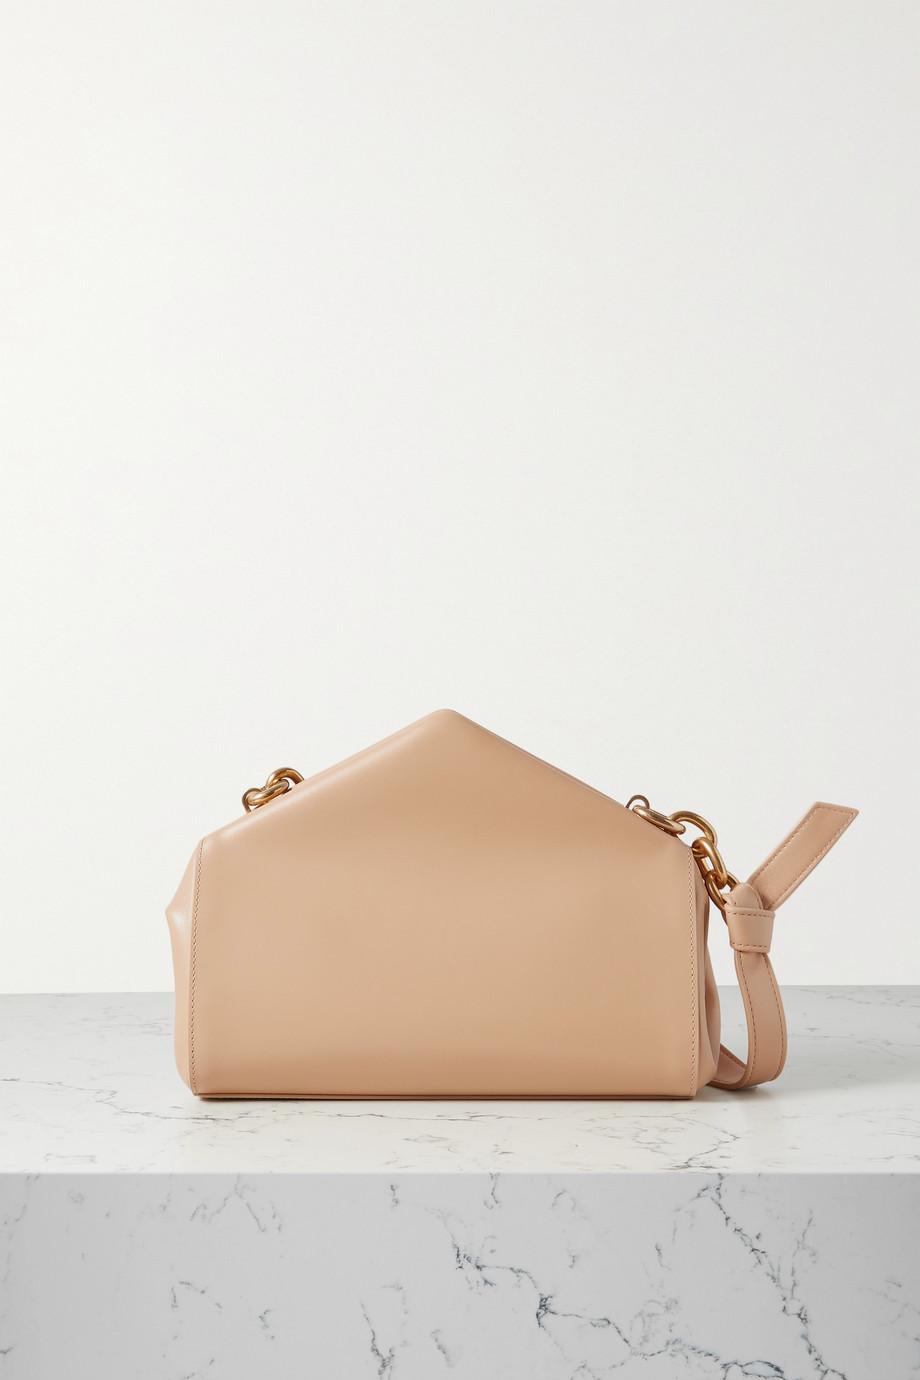 Bottega Veneta A Triangle small leather shoulder bag